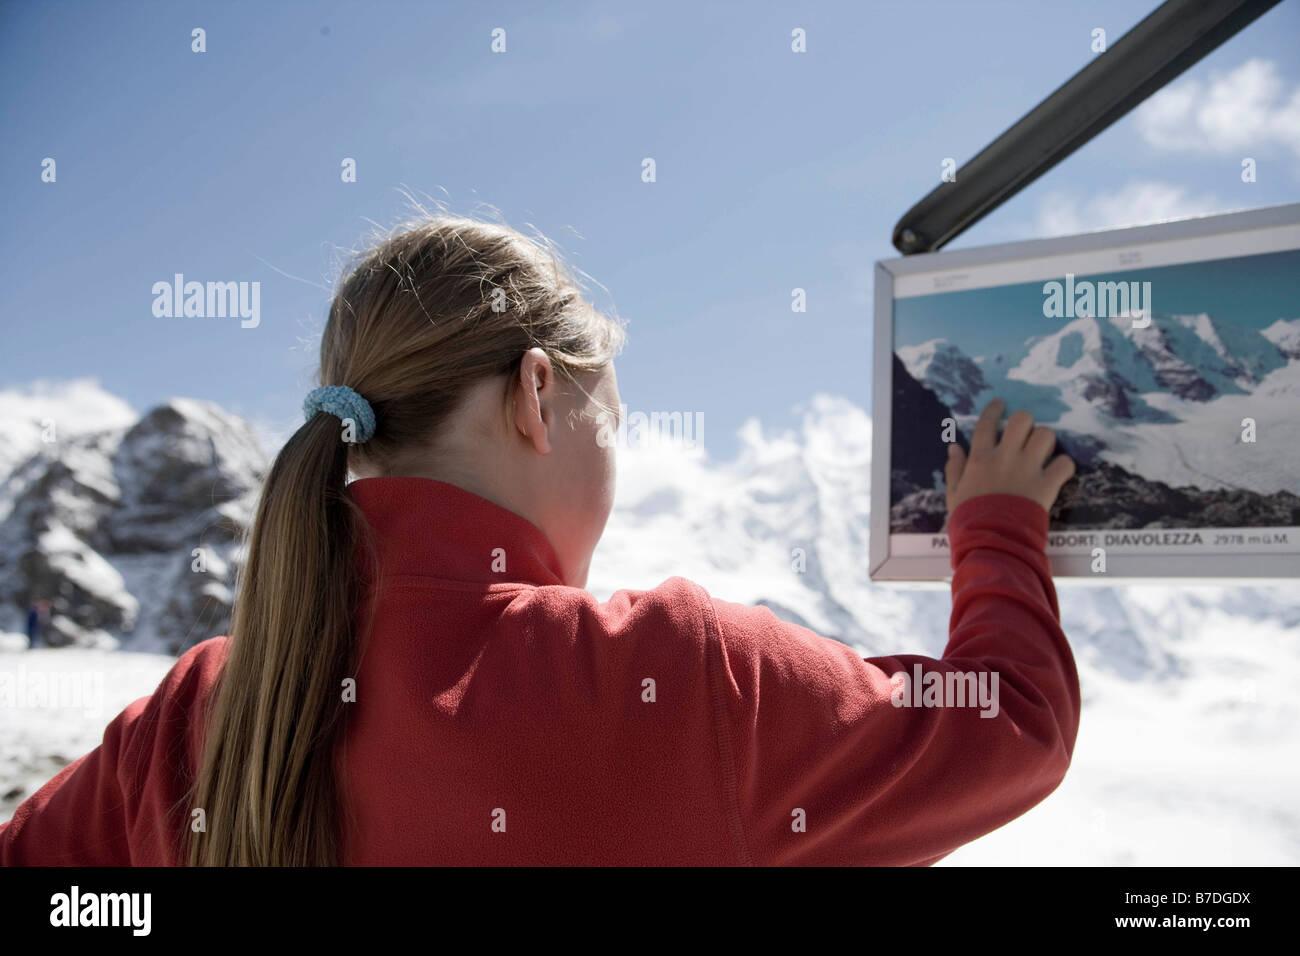 Girl recherche en zone montagneuse Photo Stock